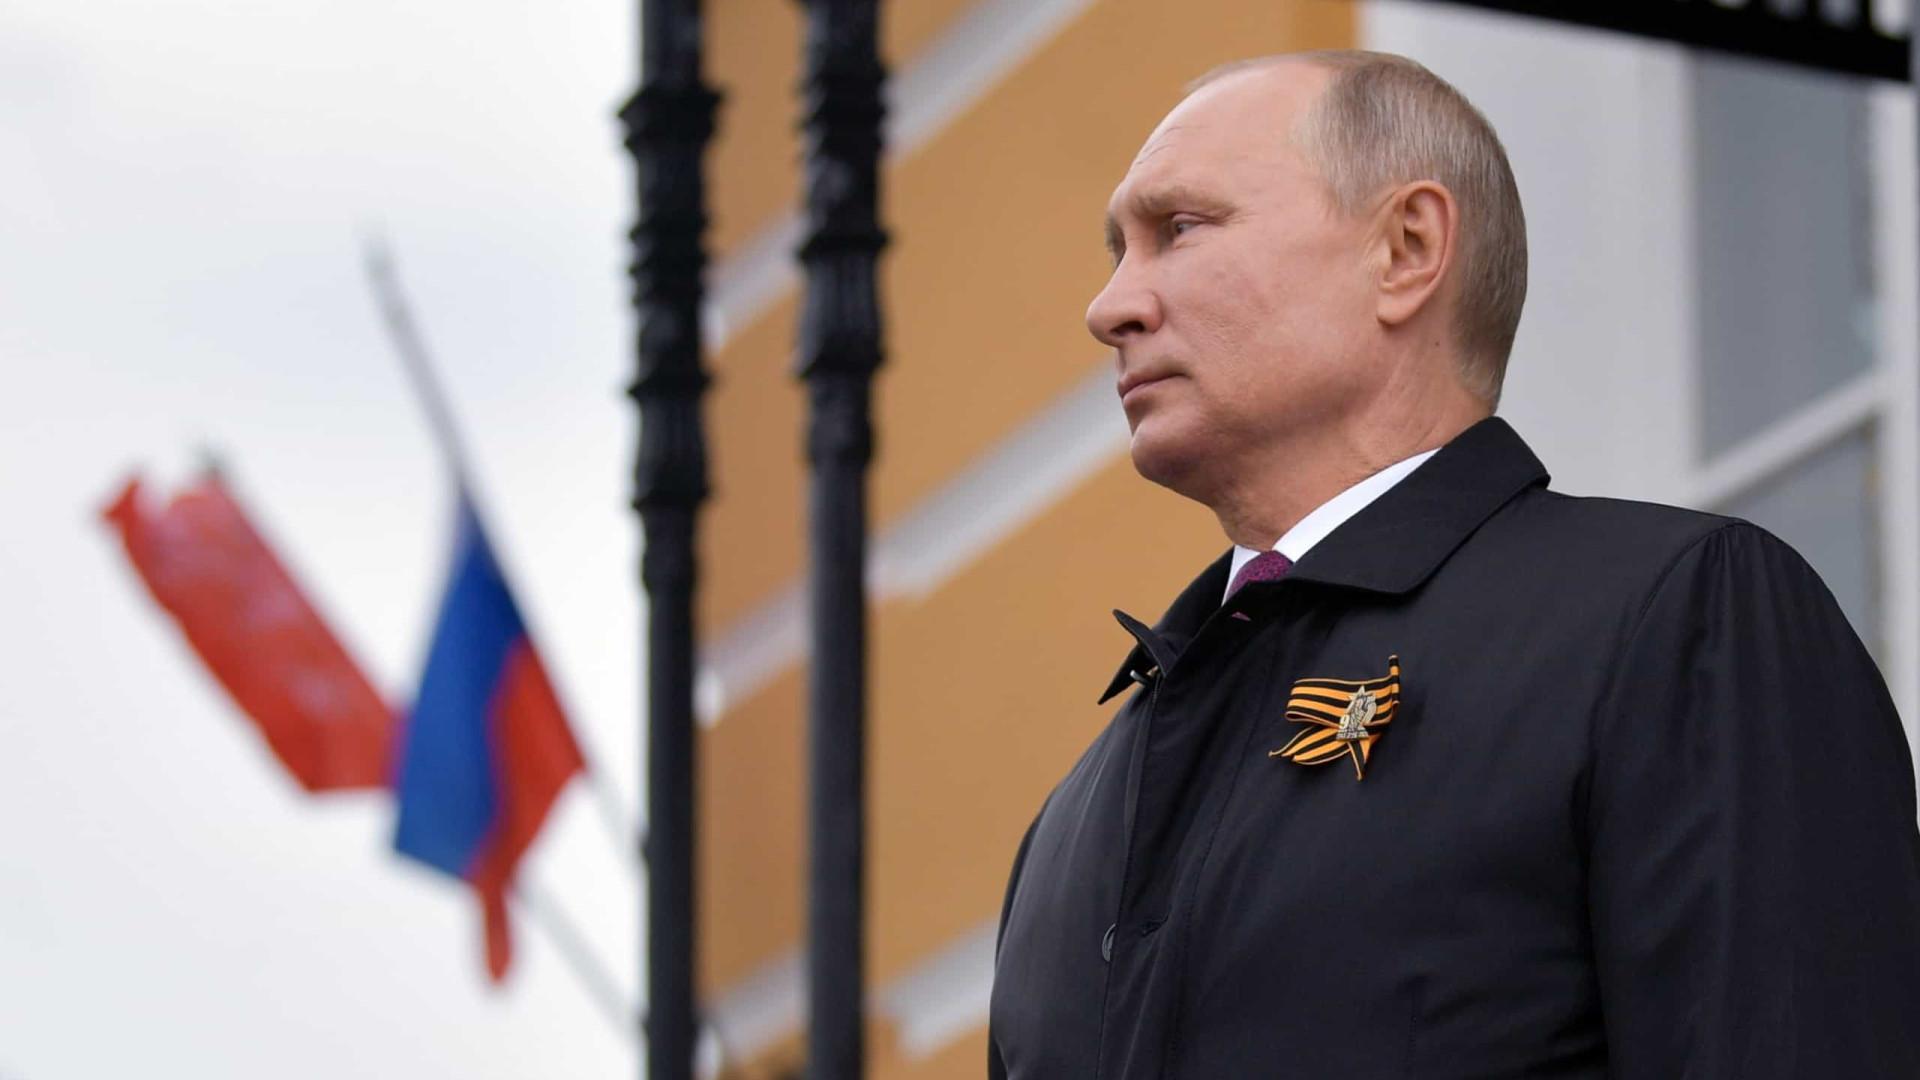 Opositor de Putin é hospitalizado após suposto envenenamento